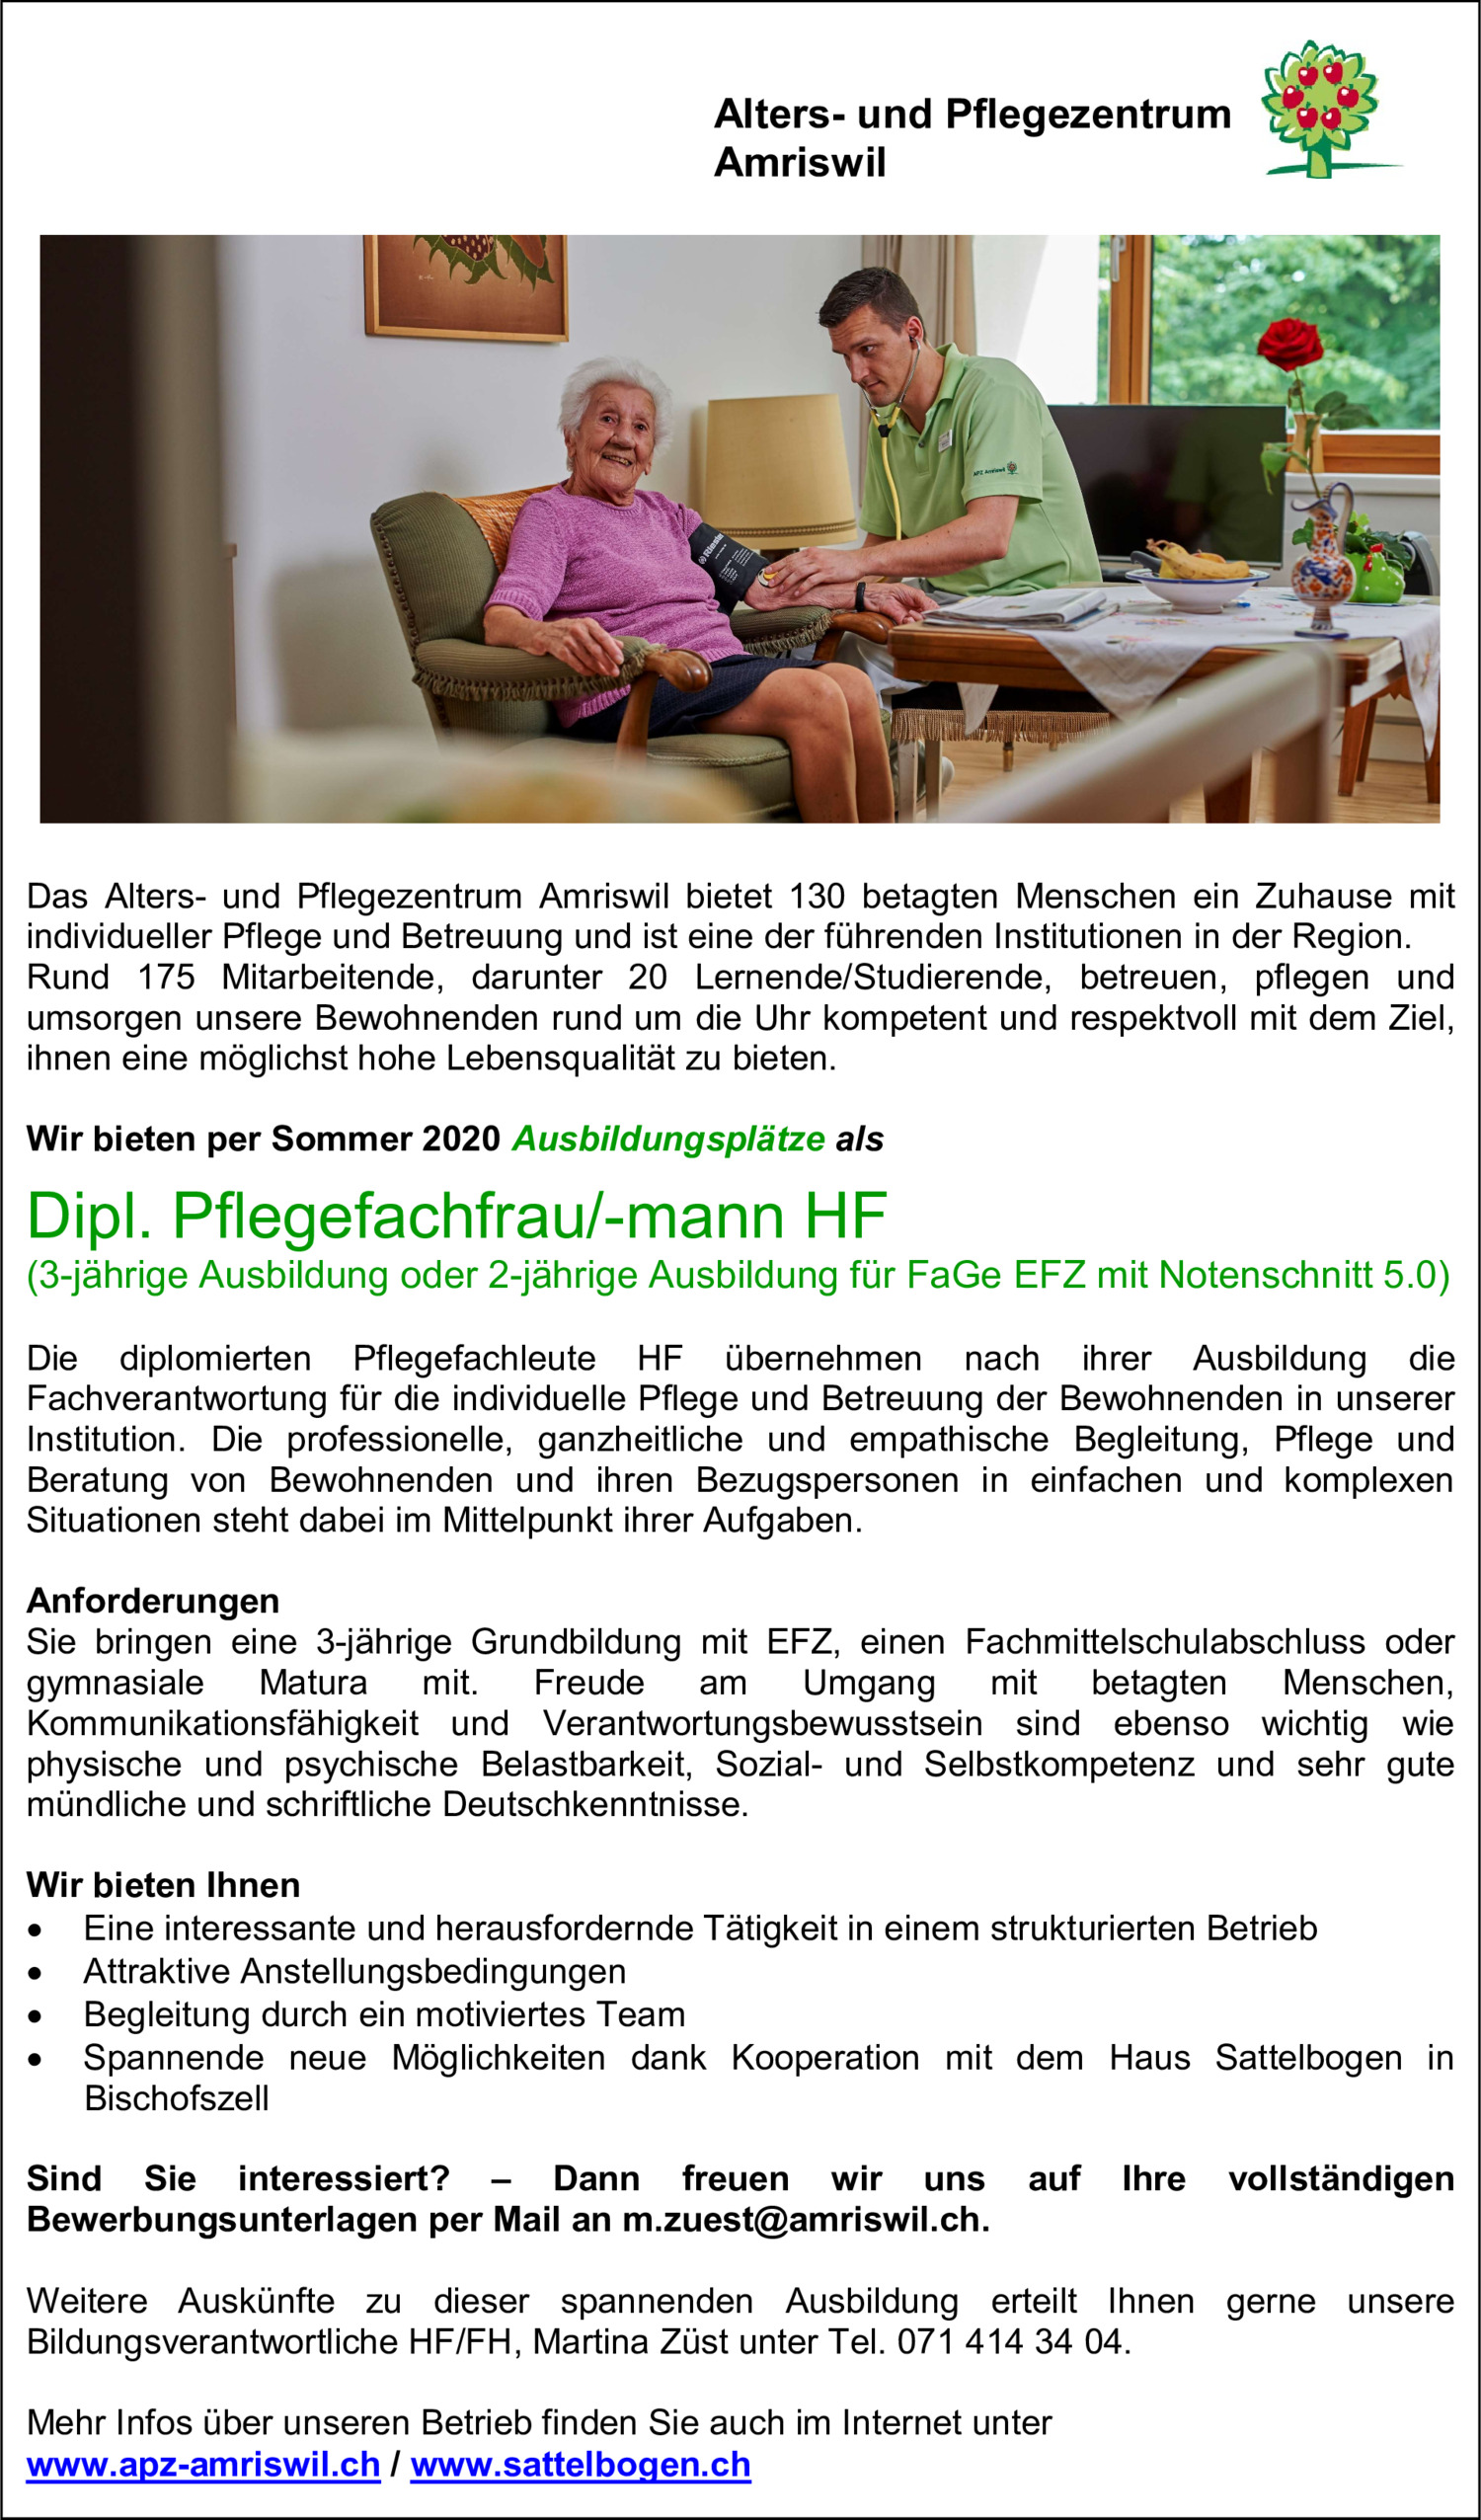 Inserat Dipl. Pflegefachfrau HF / Dipl. Pflegefachmann HF (Ausbildungsplatz)